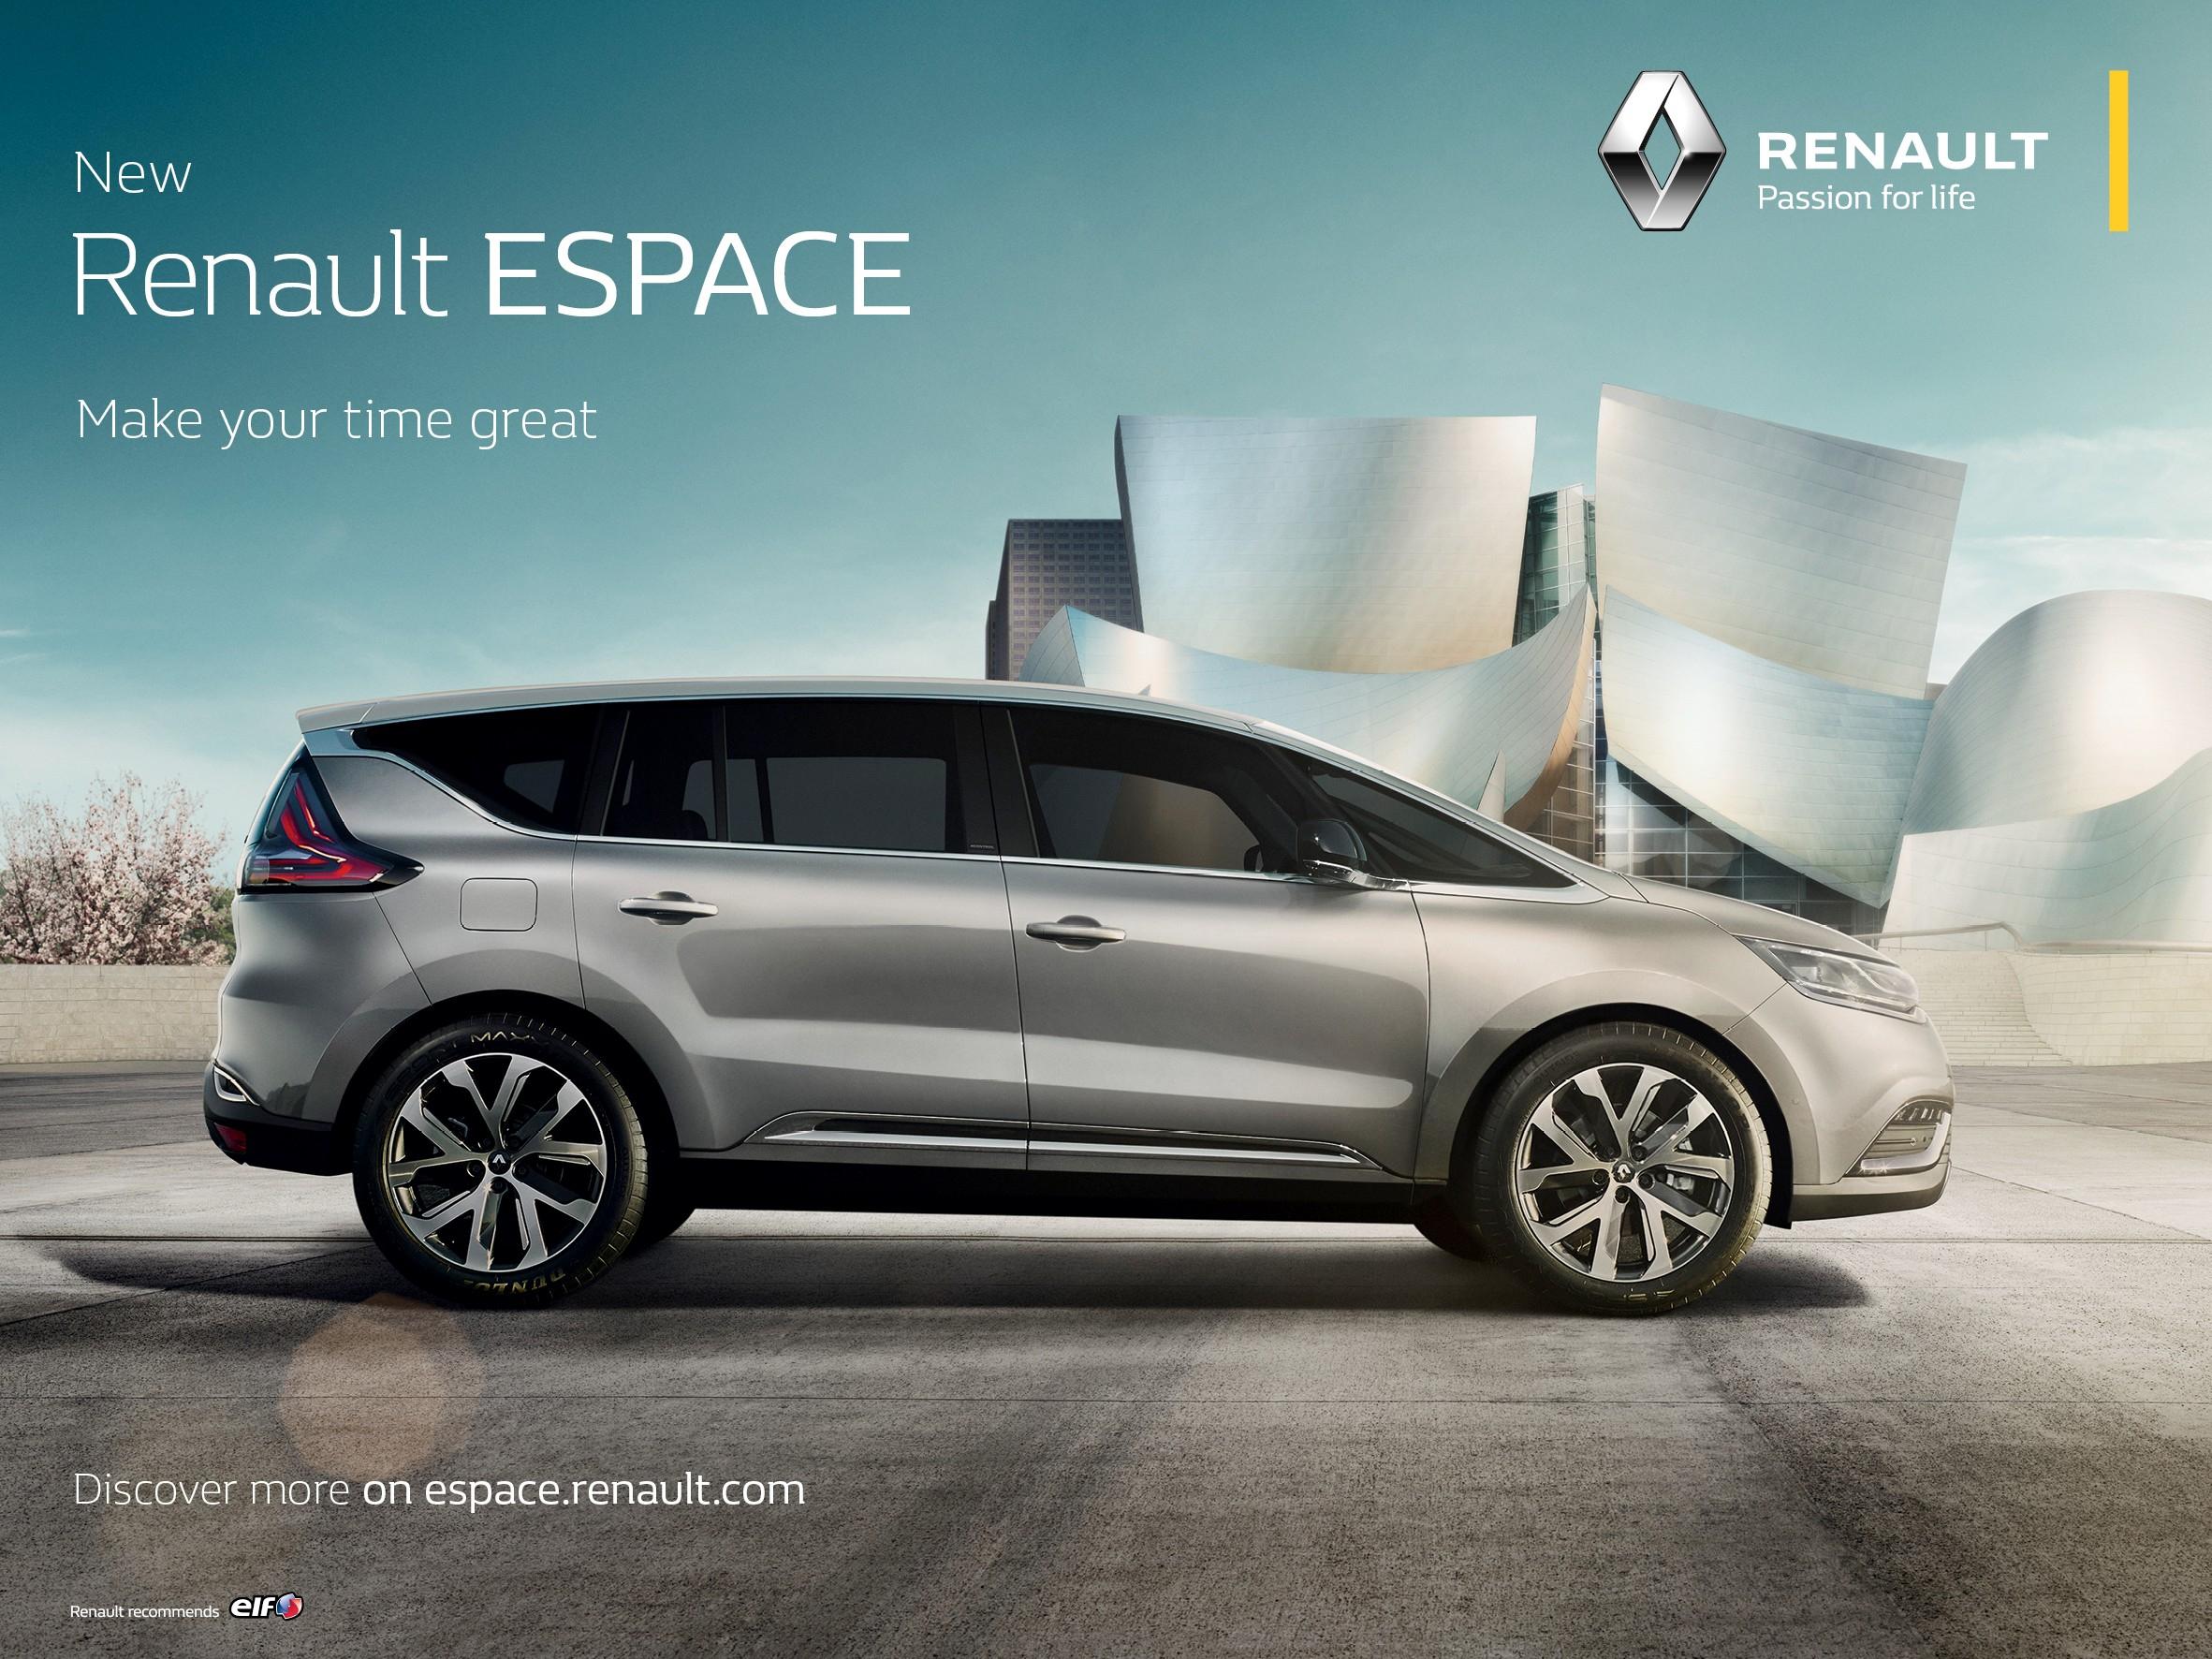 Renault_68142_global_en.jpg